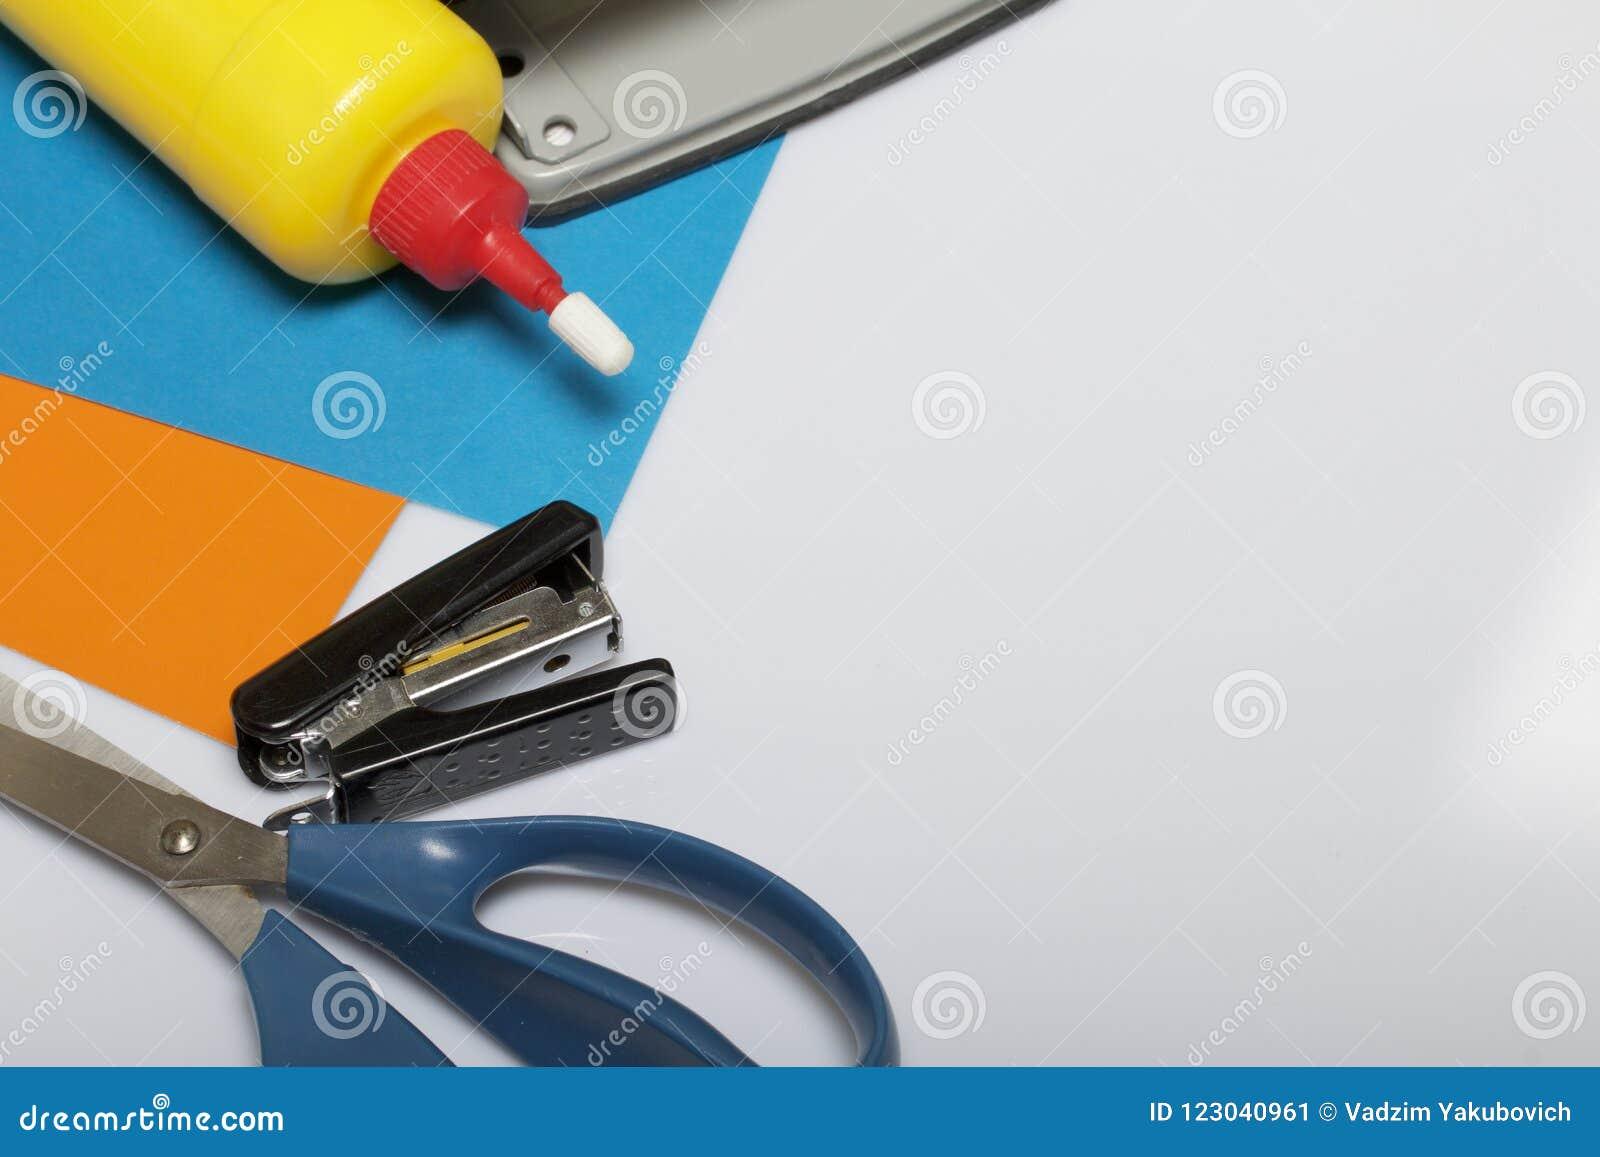 学校和教的文具 上色纸、剪刀和胶浆创造性的 订书机、拳打和一个统治者工作的